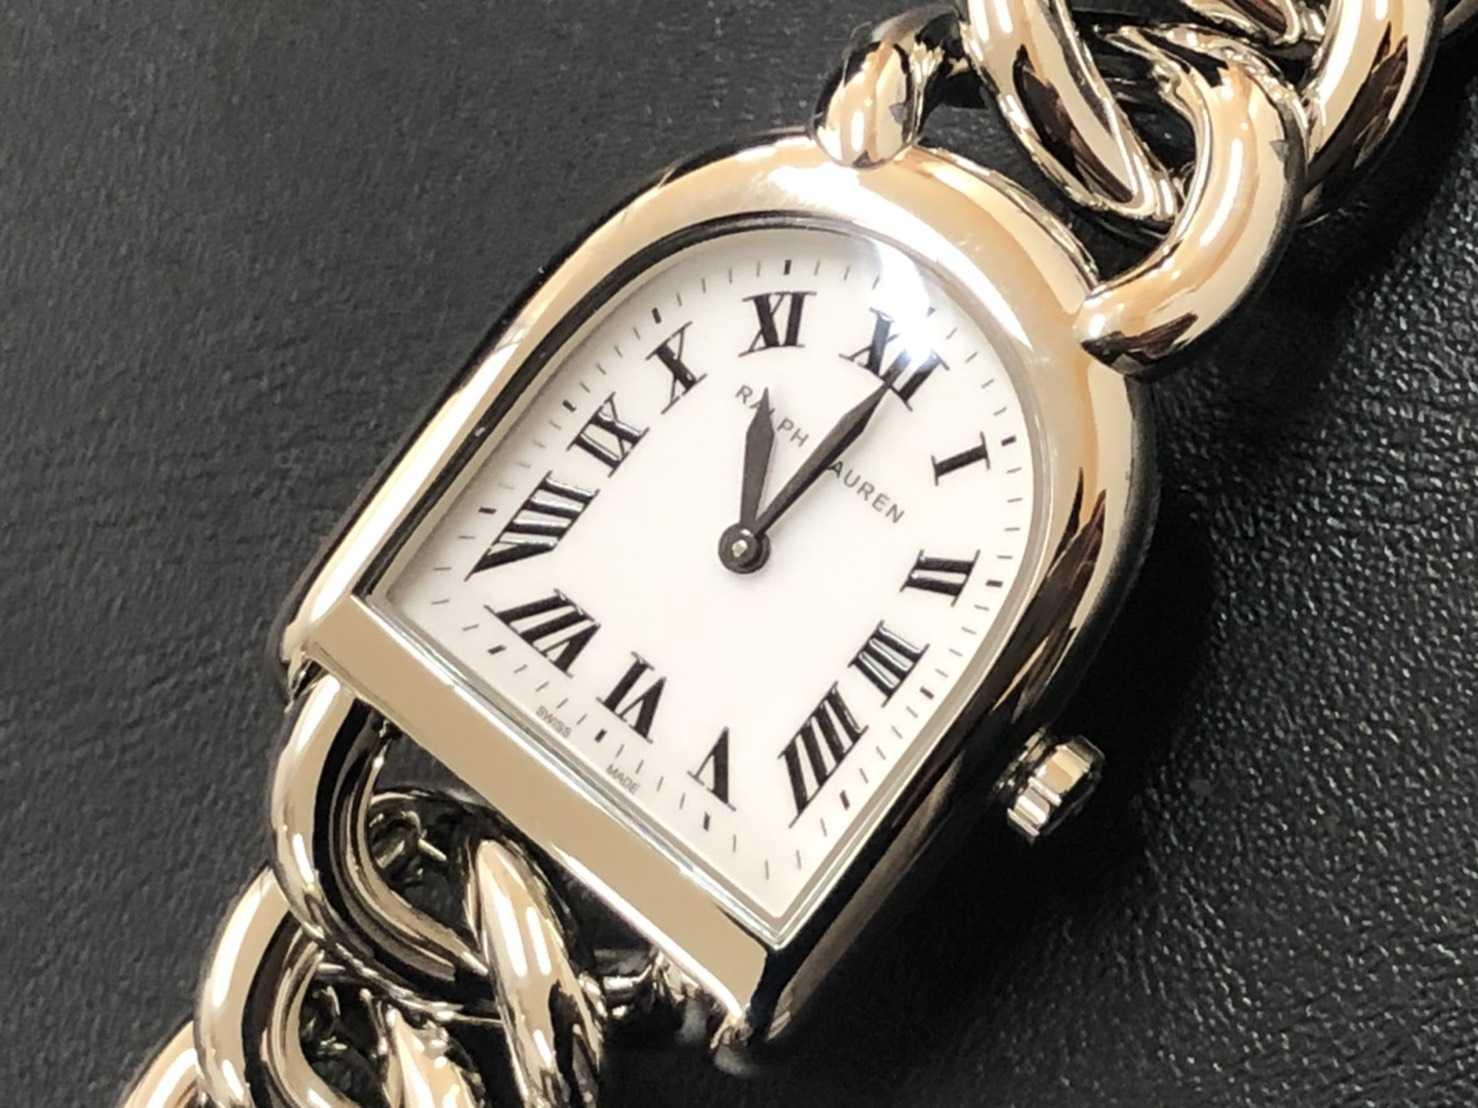 ラルフローレン買取 時計 スティラッププティリンク